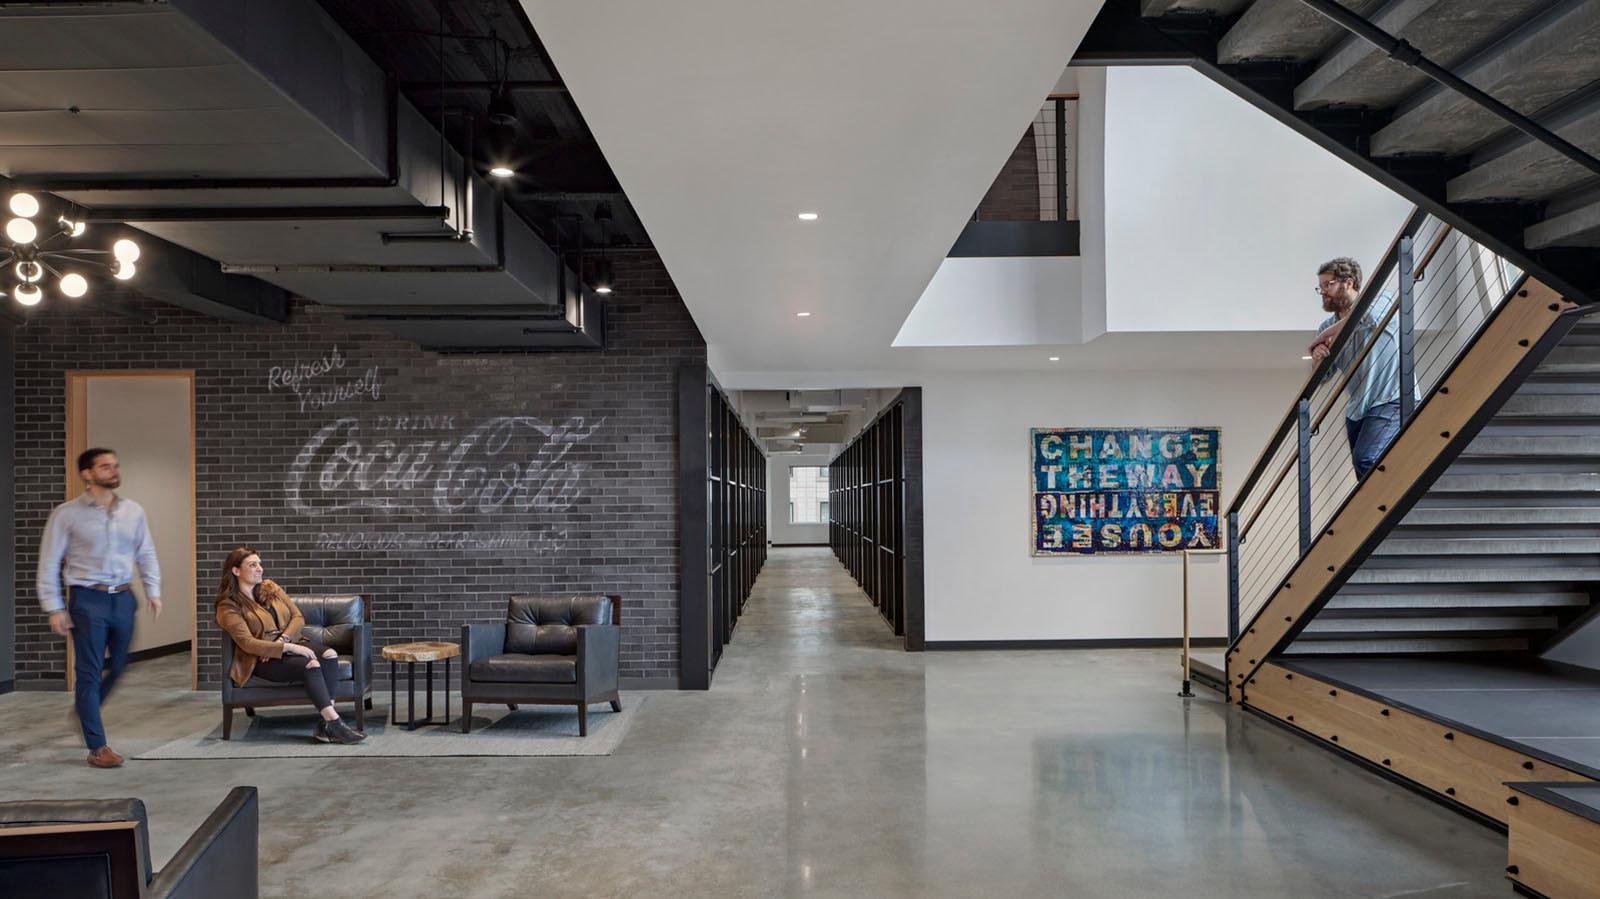 Silversmith EGD walls by reception